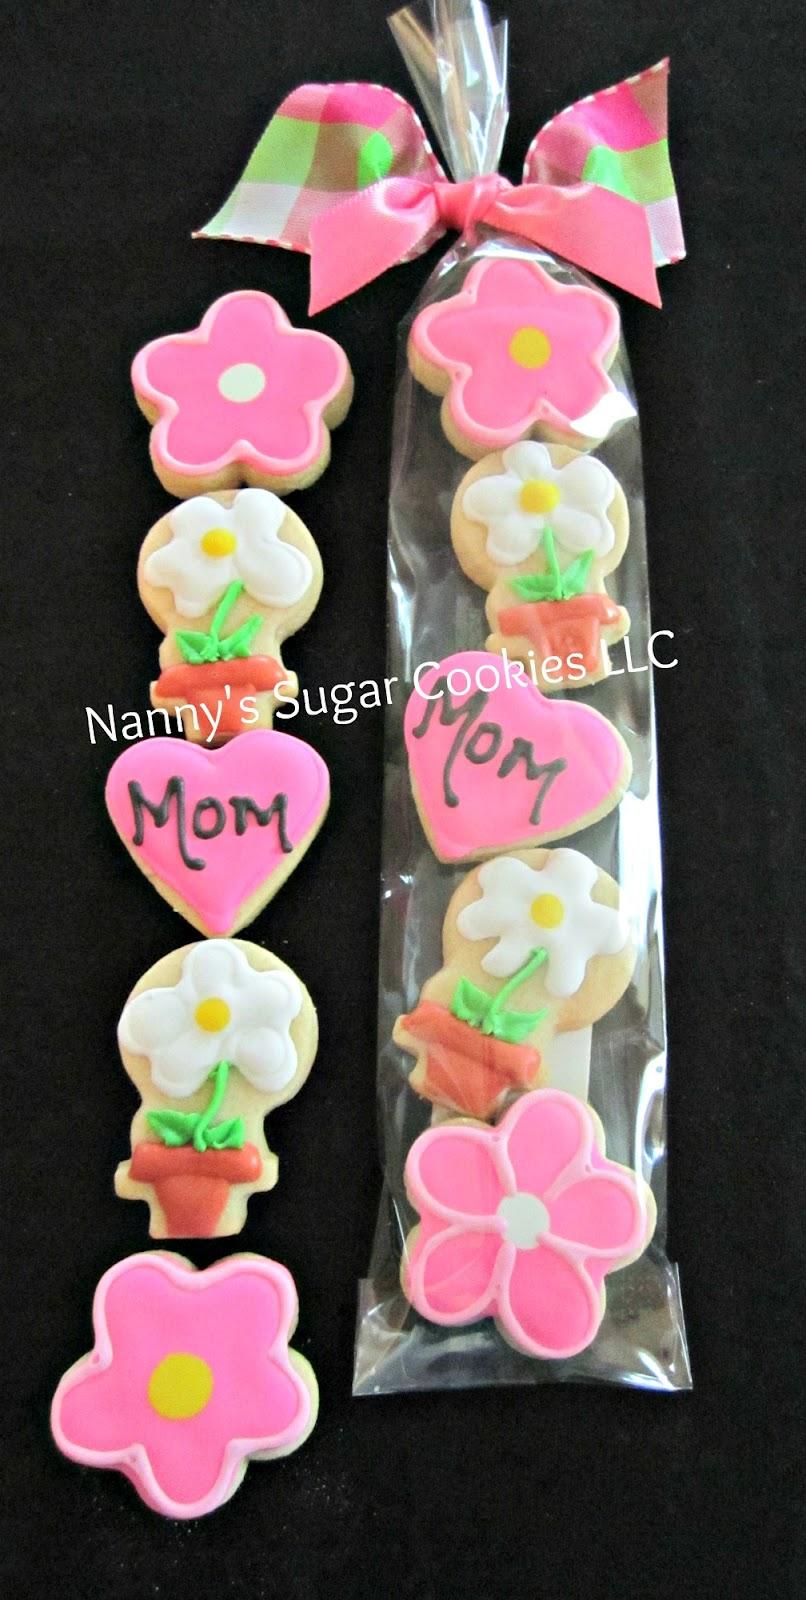 Nanny\'s Sugar Cookies LLC: May 2012